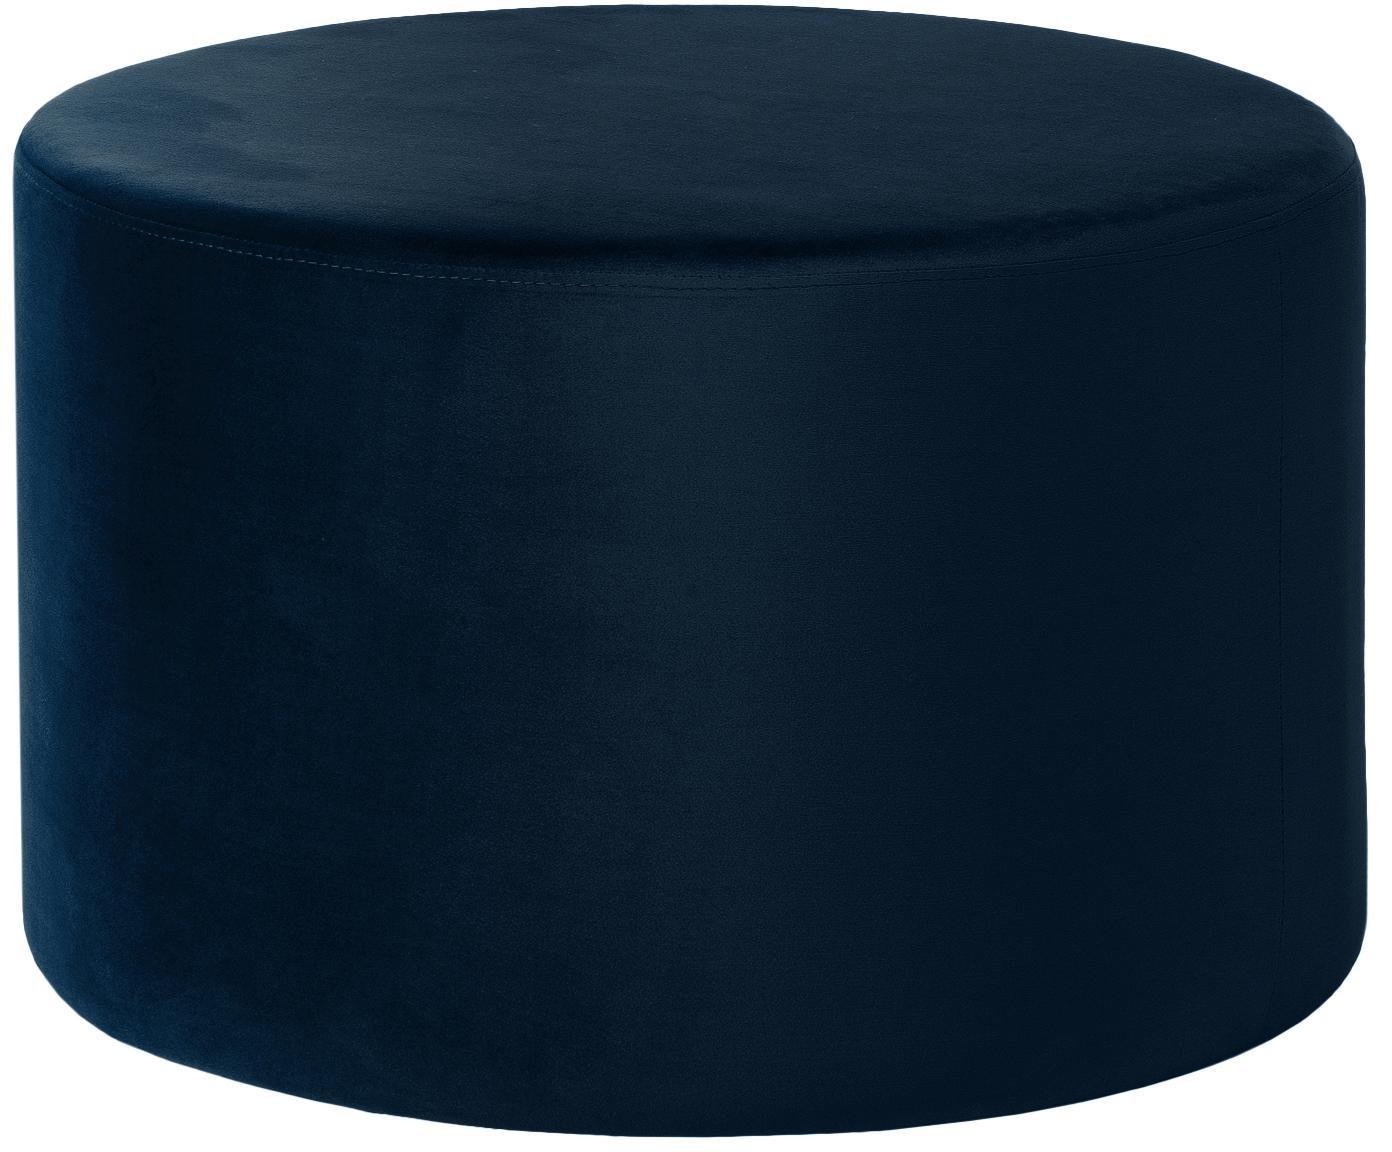 Puf de terciopelo Daisy, Tapizado: terciopelo (poliéster) 15, Estructura: tablero de fibras de dens, Azul marino, Ø 62 x Al 41 cm